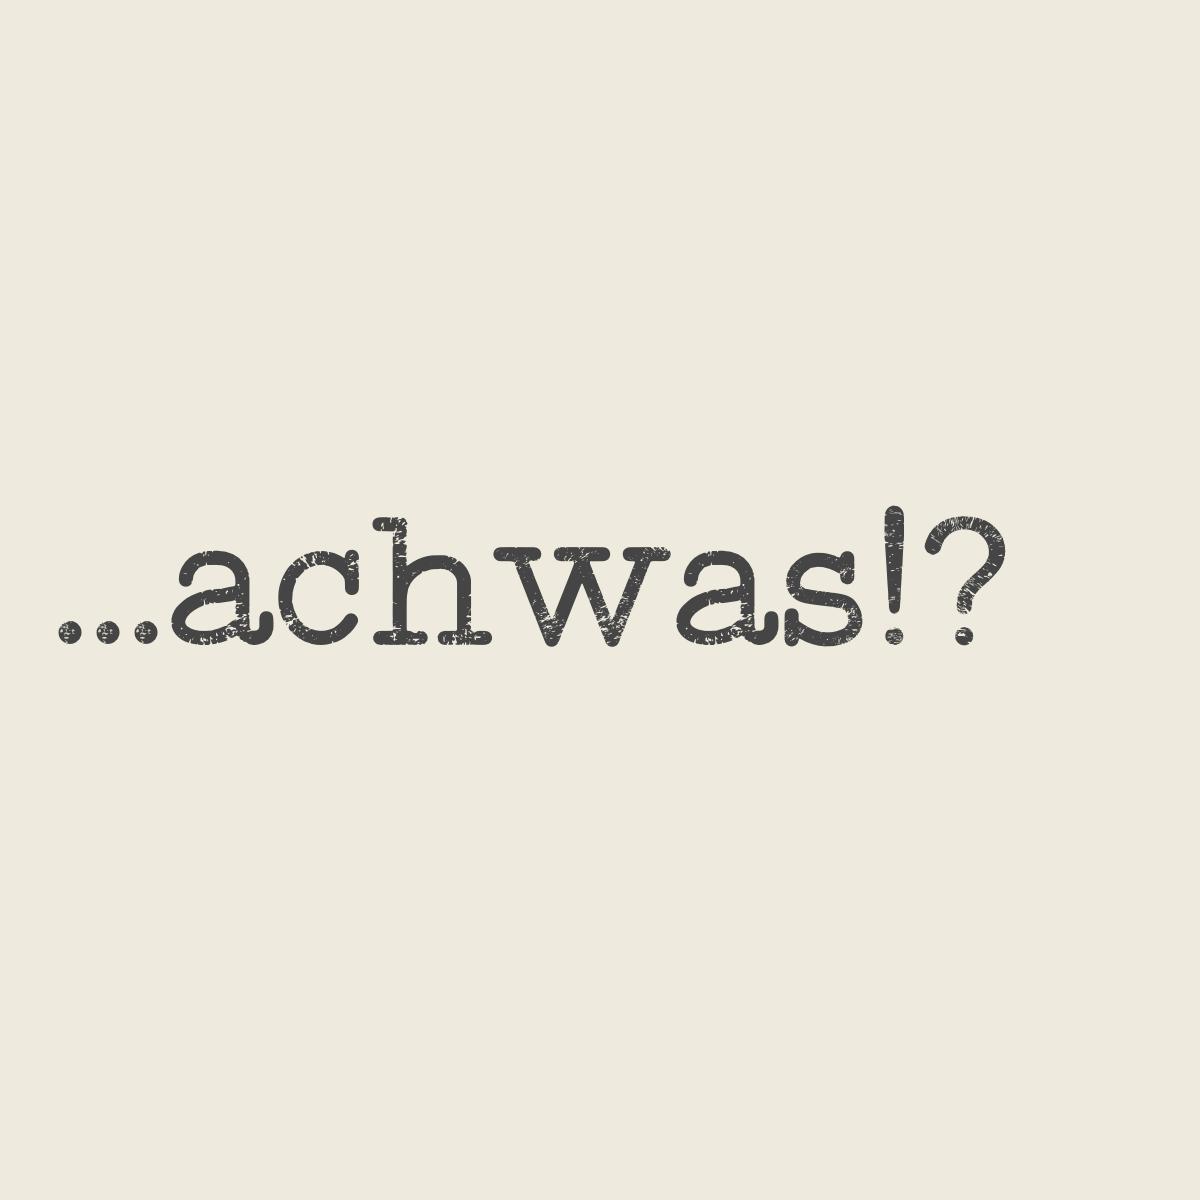 achwas?!